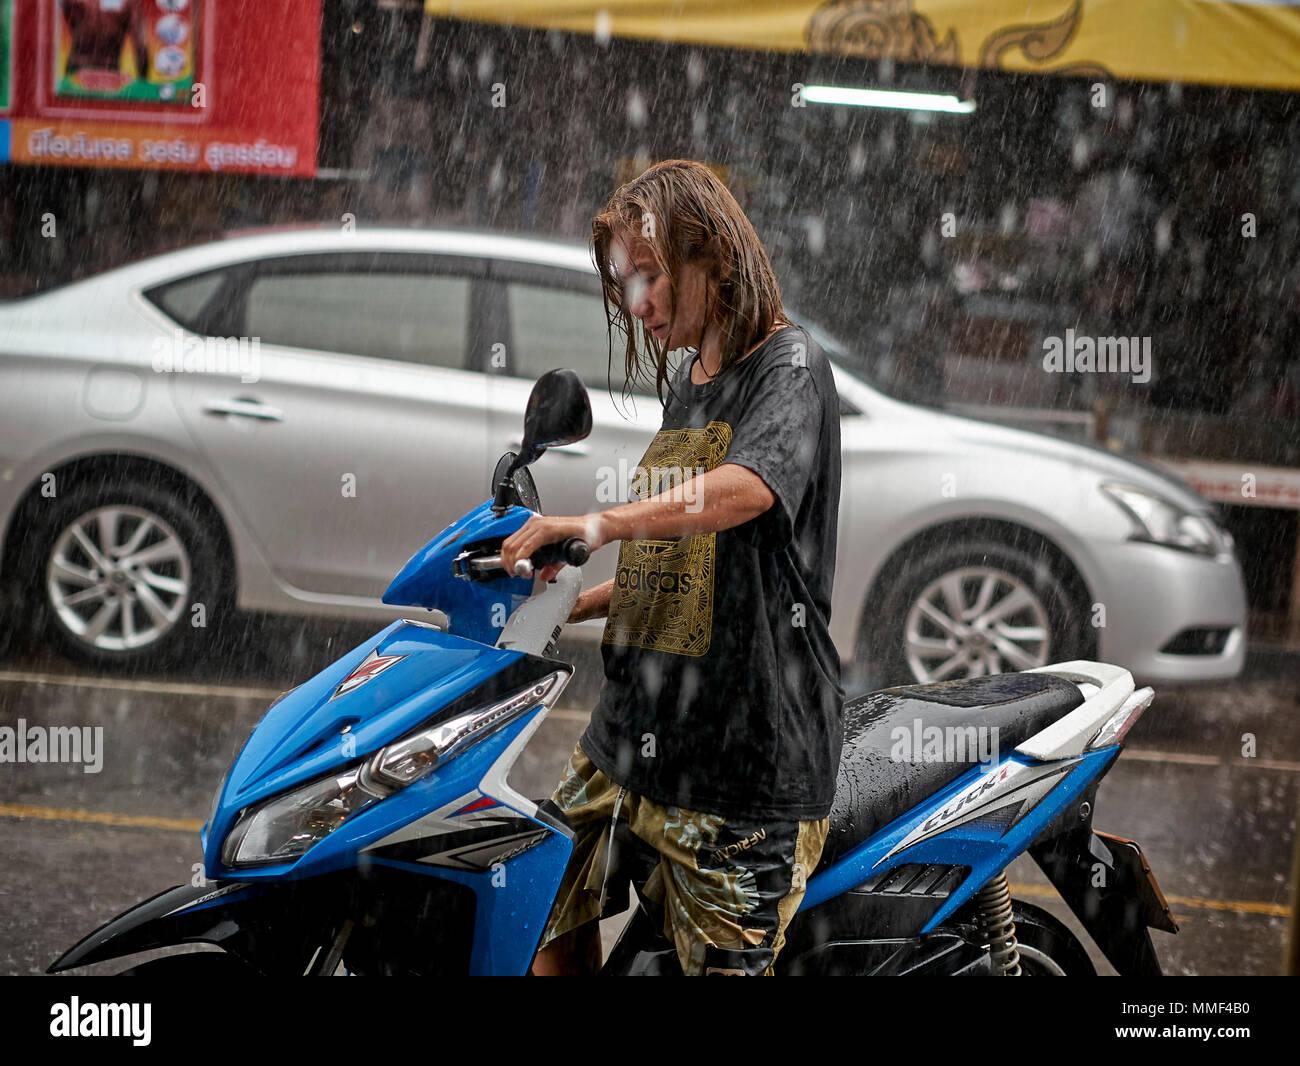 La lluvia. Mujer con moto capturados en lluvias torrenciales. Tailandia la temporada de los monzones. El sudeste de Asia. Imagen De Stock